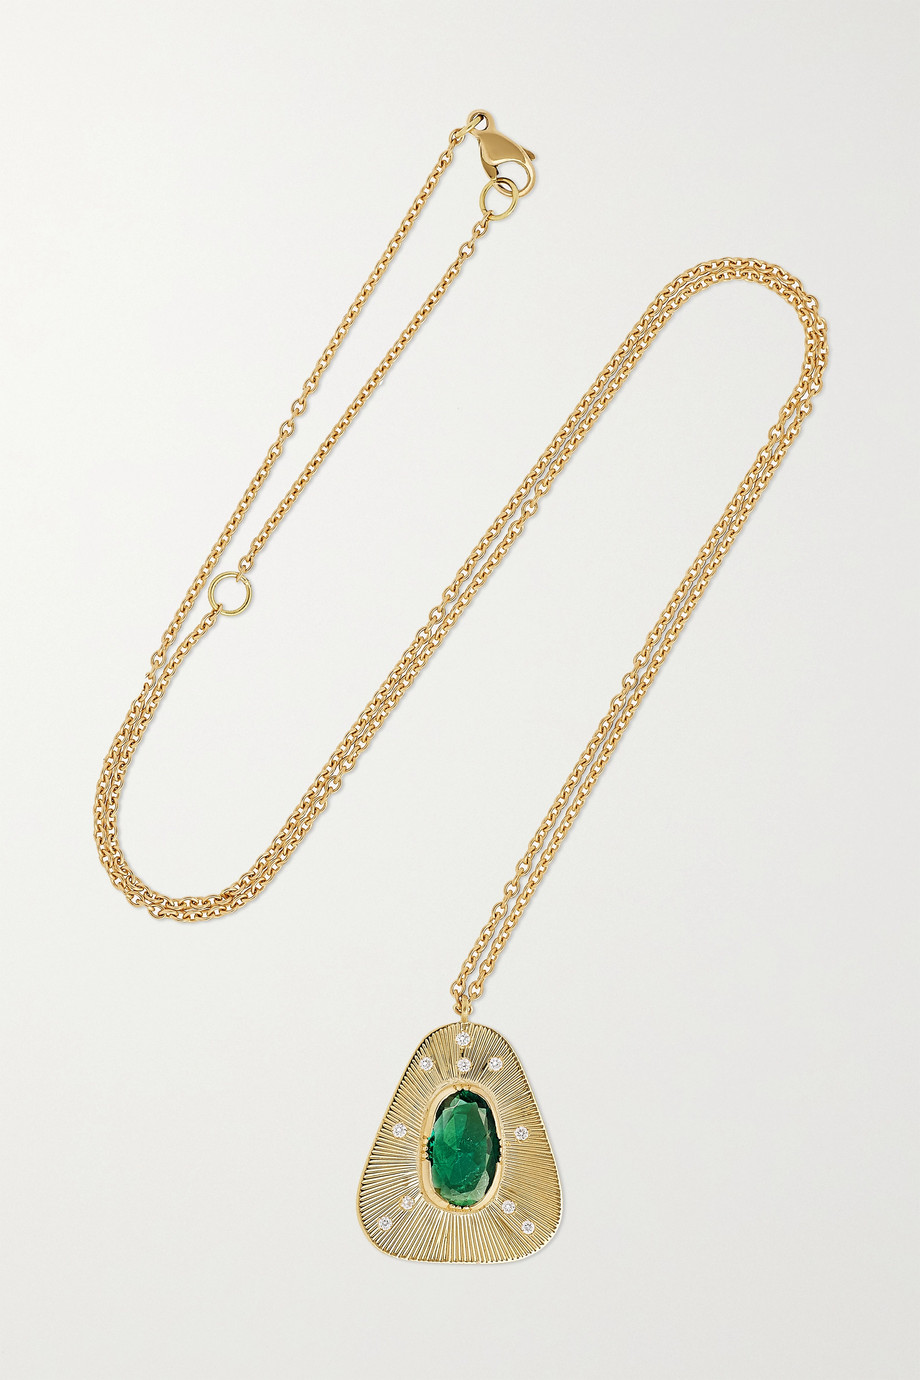 Brooke Gregson Kette aus 18 Karat Gold mit Smaragd und Diamanten